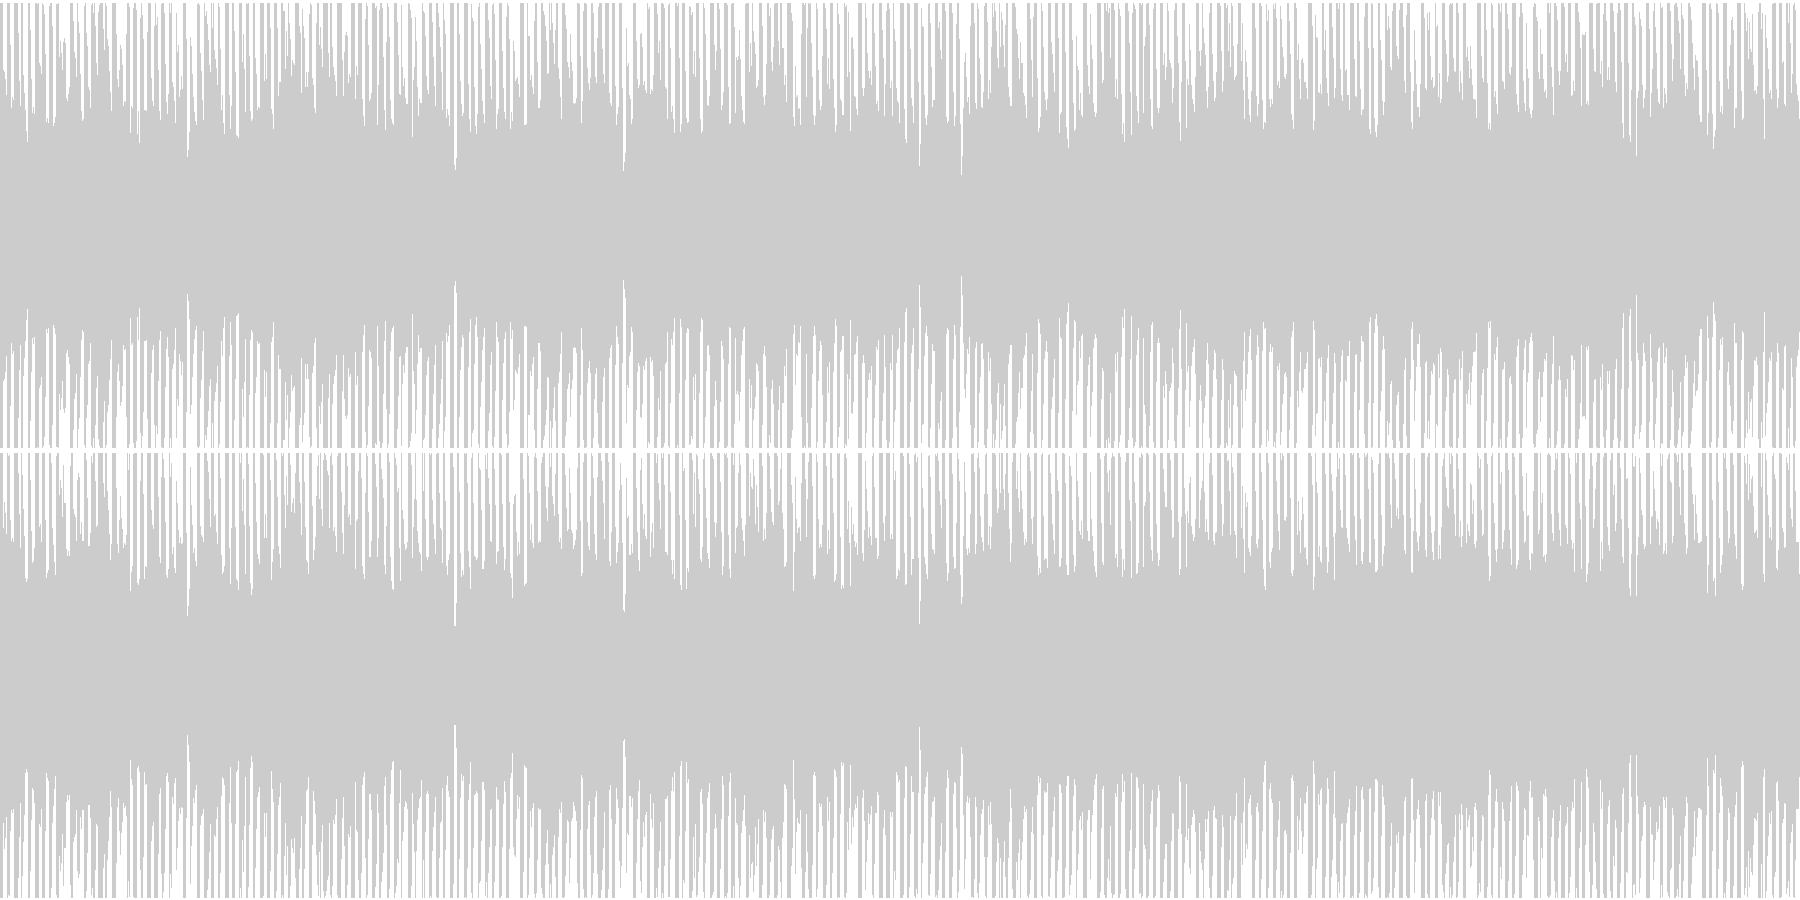 深刻な雰囲気のエレクトロニックなループの未再生の波形